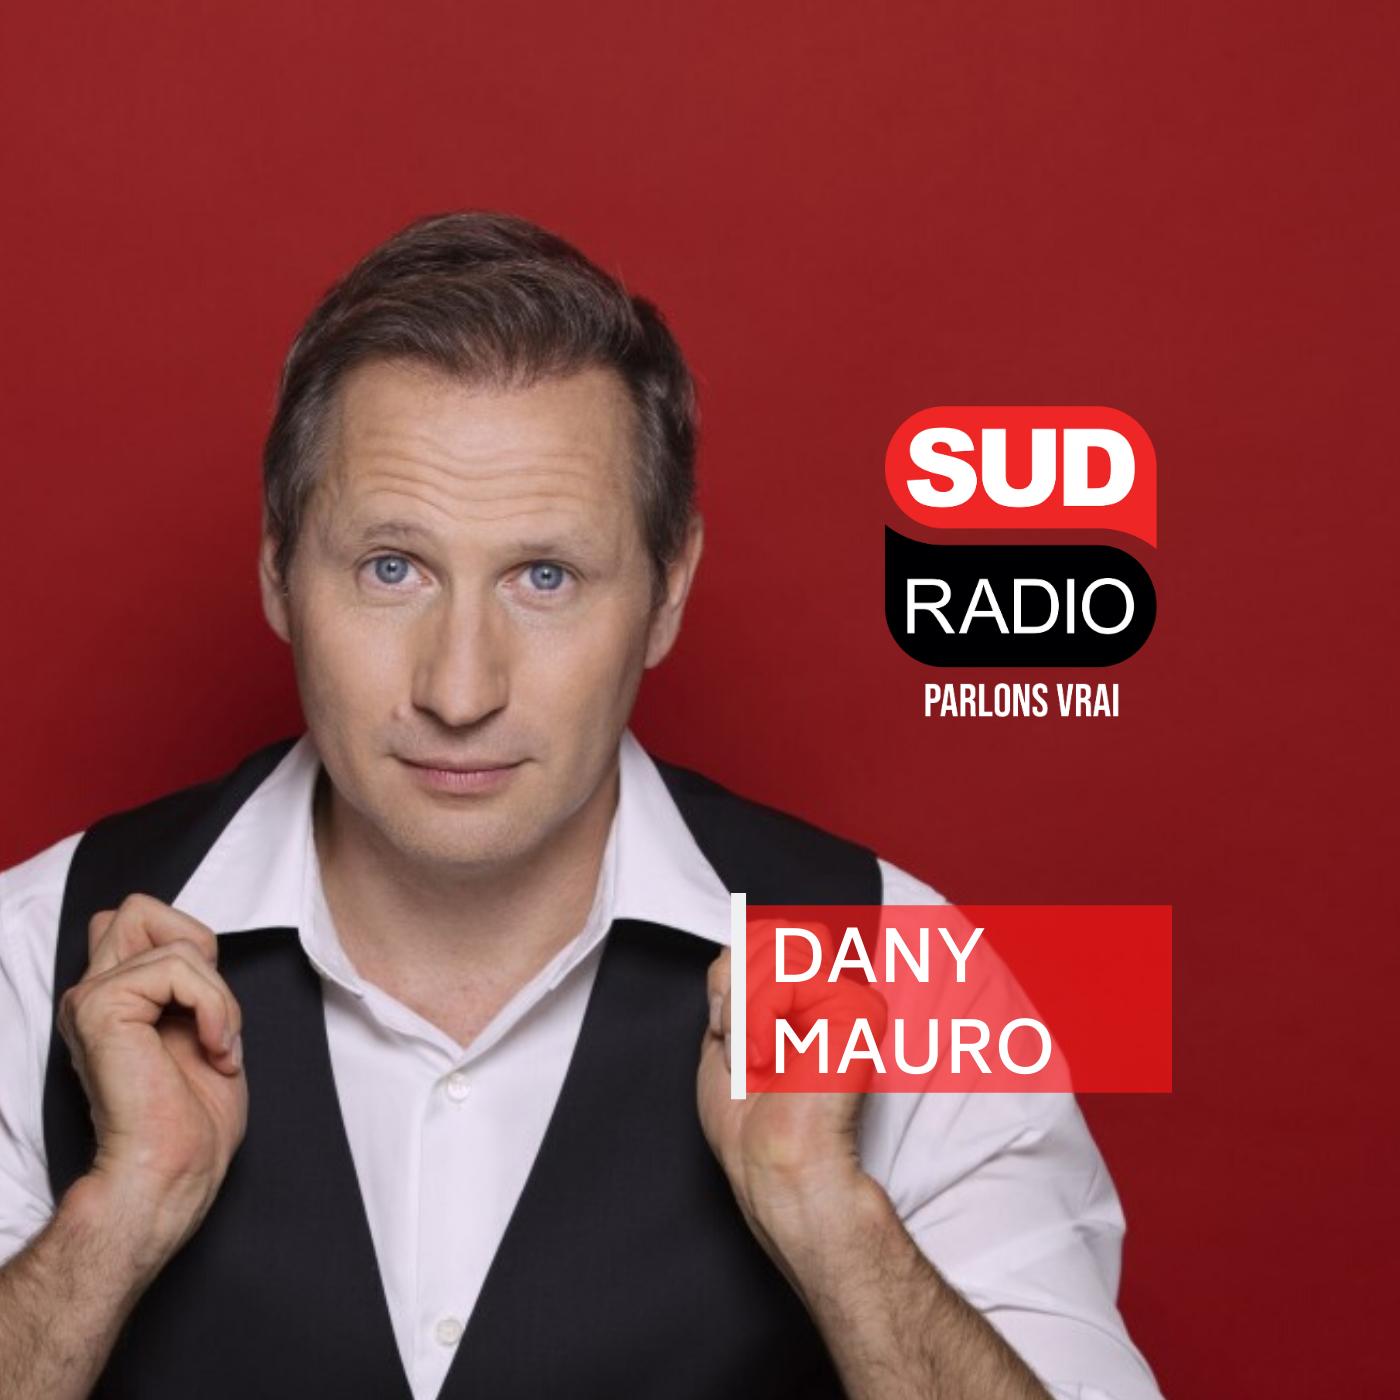 Image 1: Dany Mauro pirate l info